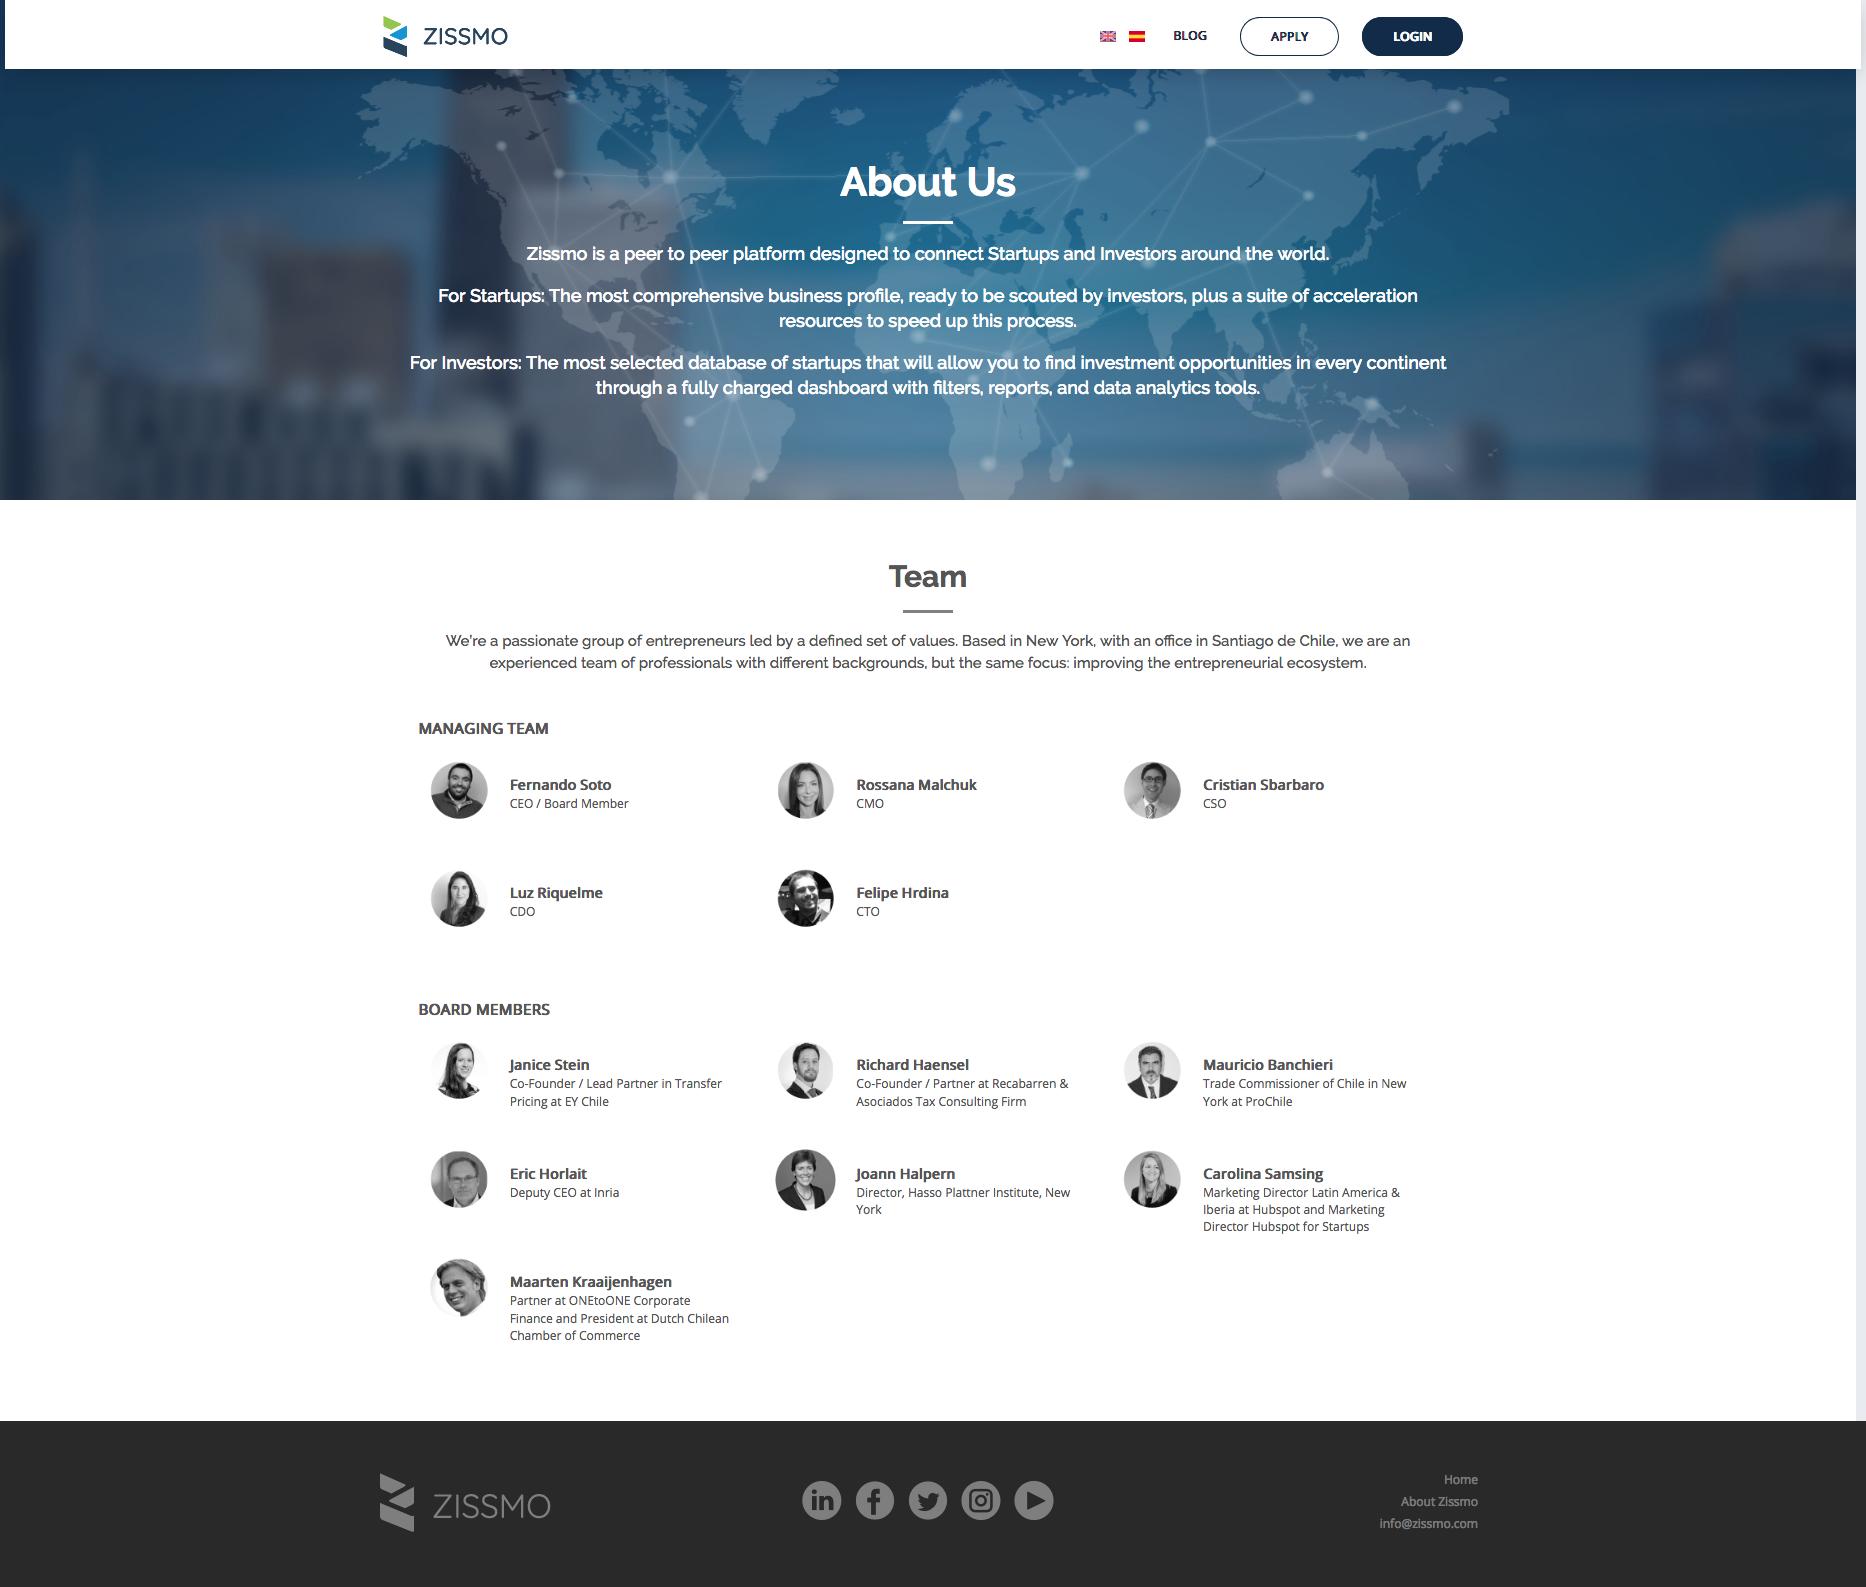 Screenshot-2018-6-23 Zissmo - Online Entrepreneurial Ecosystem(1).png